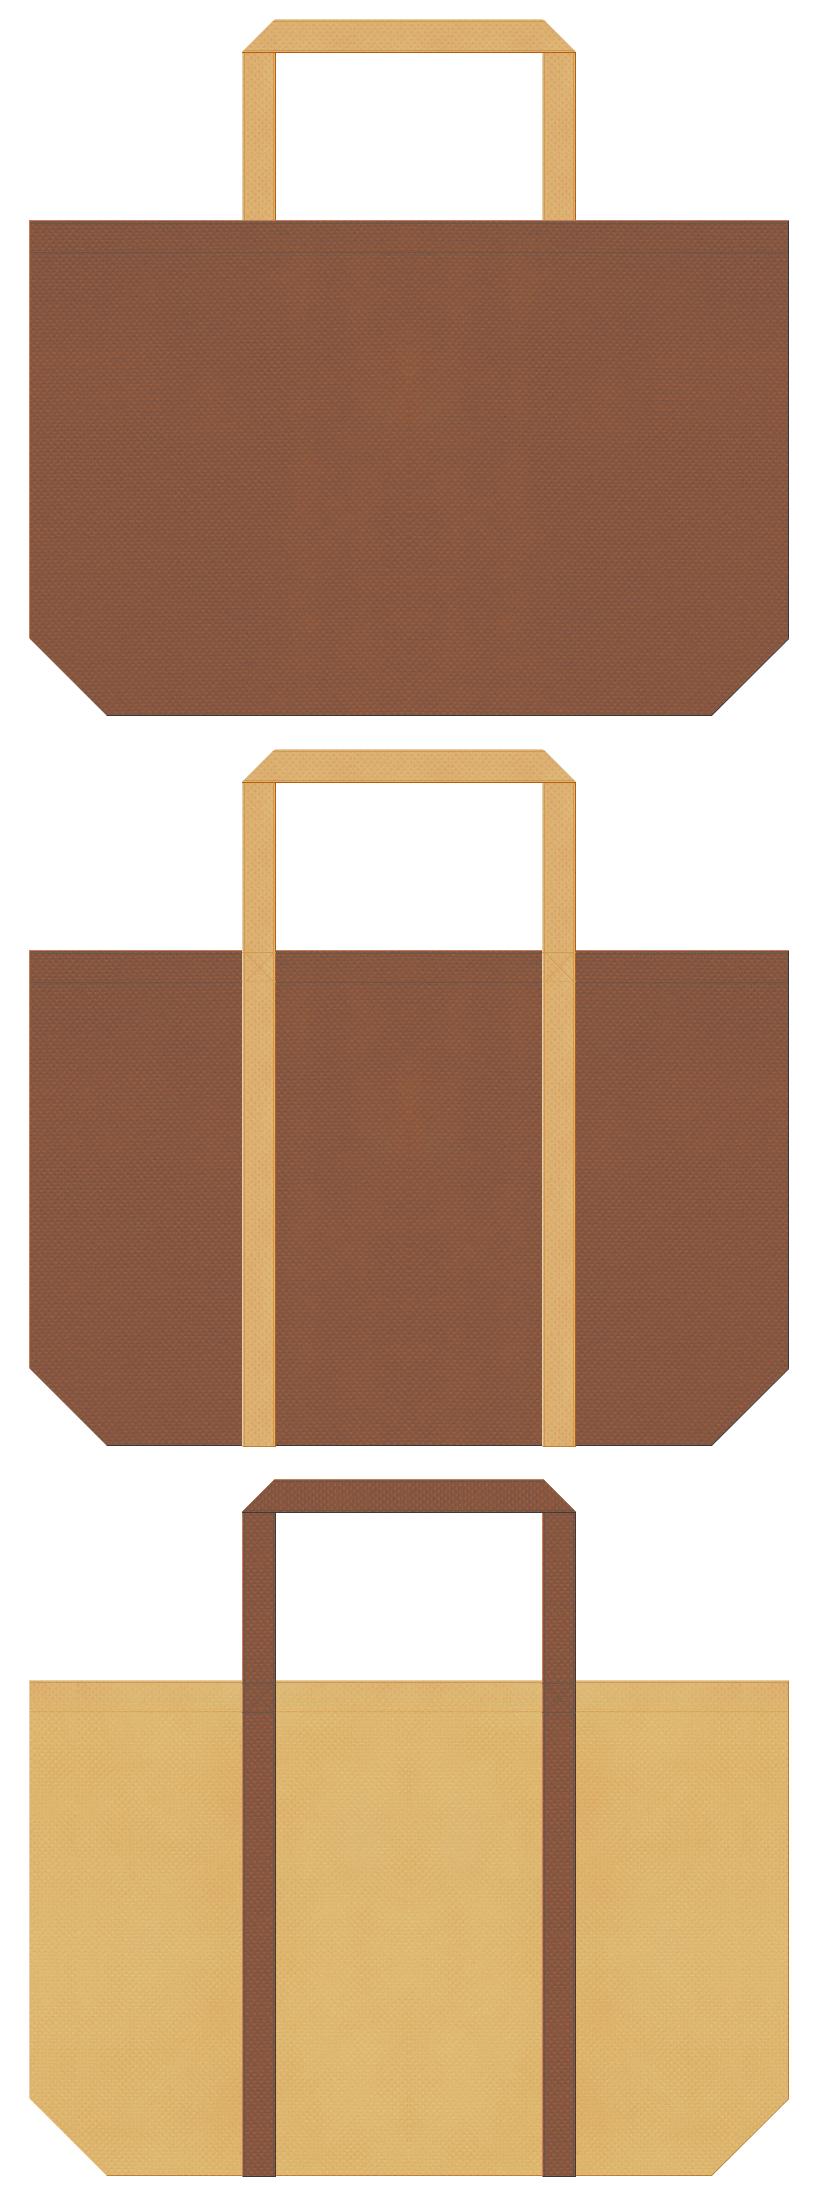 手芸・ぬいぐるみ・工作教室・DIY・住宅展示場・木製インテリア・木製食器・フードコート・レストラン・鯛焼き・どらやき・饅頭・ホットケーキ・クロワッサン・ワッフル・クッキー・サブレ・ビスケット・キャラメル・アーモンド・ピーナツバター・和菓子・スイーツ・ベーカリーのショッピングバッグにお奨めの不織布バッグデザイン:茶色と薄黄土色のコーデ